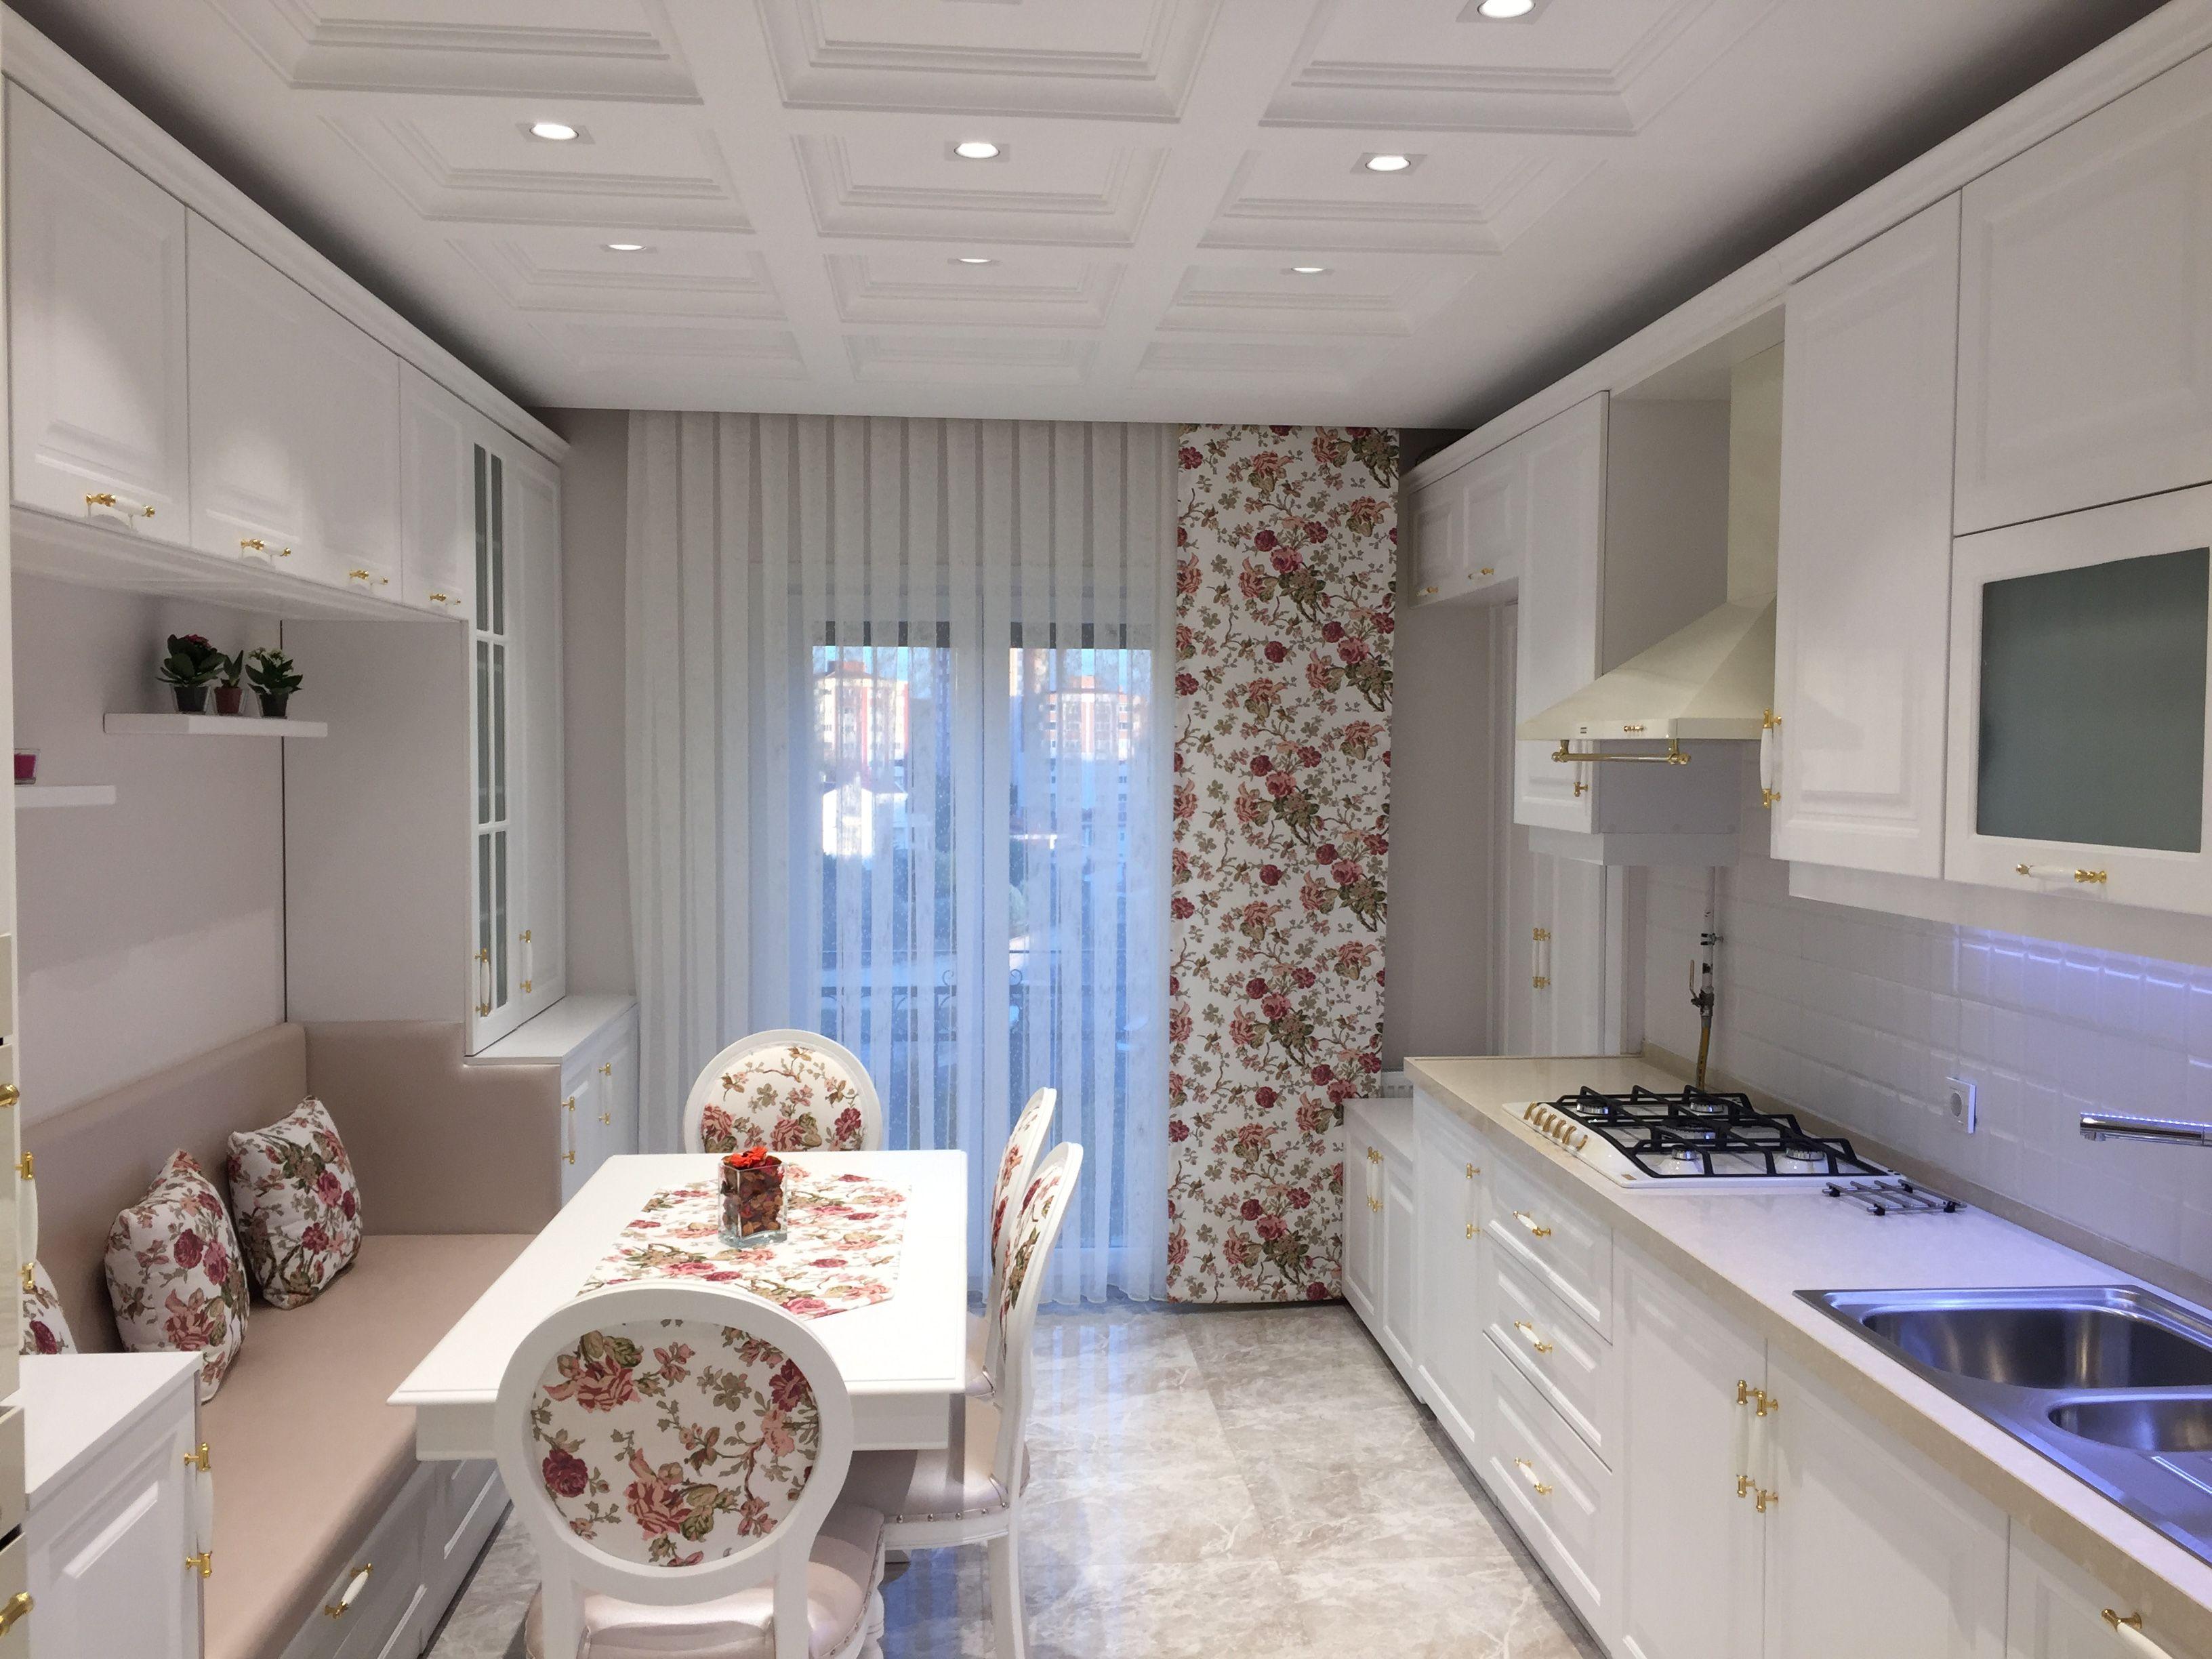 Modern beyaz mutfak dolab dizayni en son dekorasyon modelleri -  Country Mutfak Mutfak Tasar M Beyaz Mutfak K Klasik Mutfak